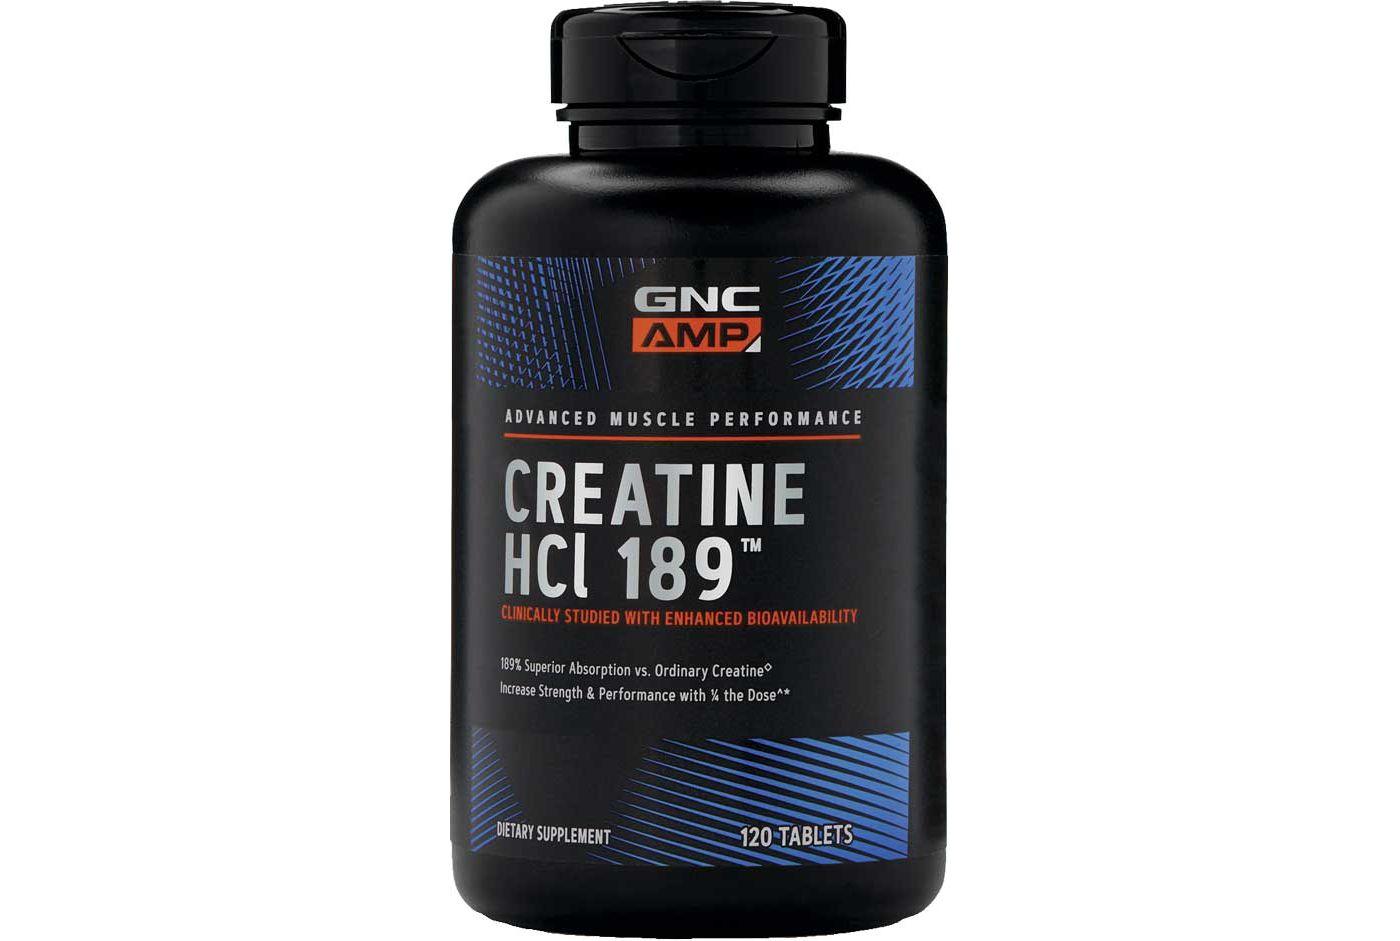 GNC AMP Creatine HCL 189™ 120 Capsules